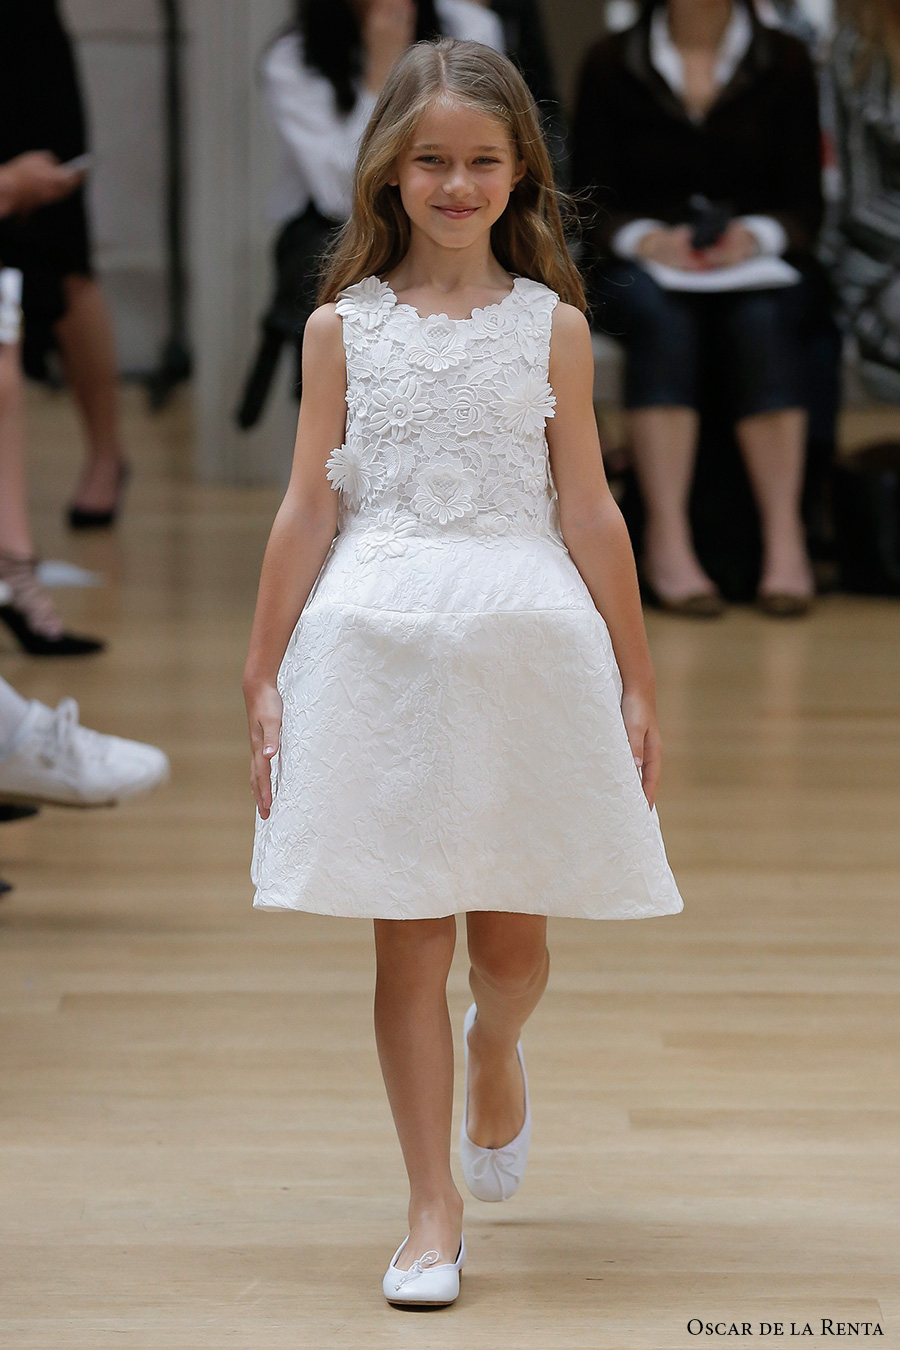 Oscar De La Renta Wedding Dresses Price 82 Superb oscar de la renta